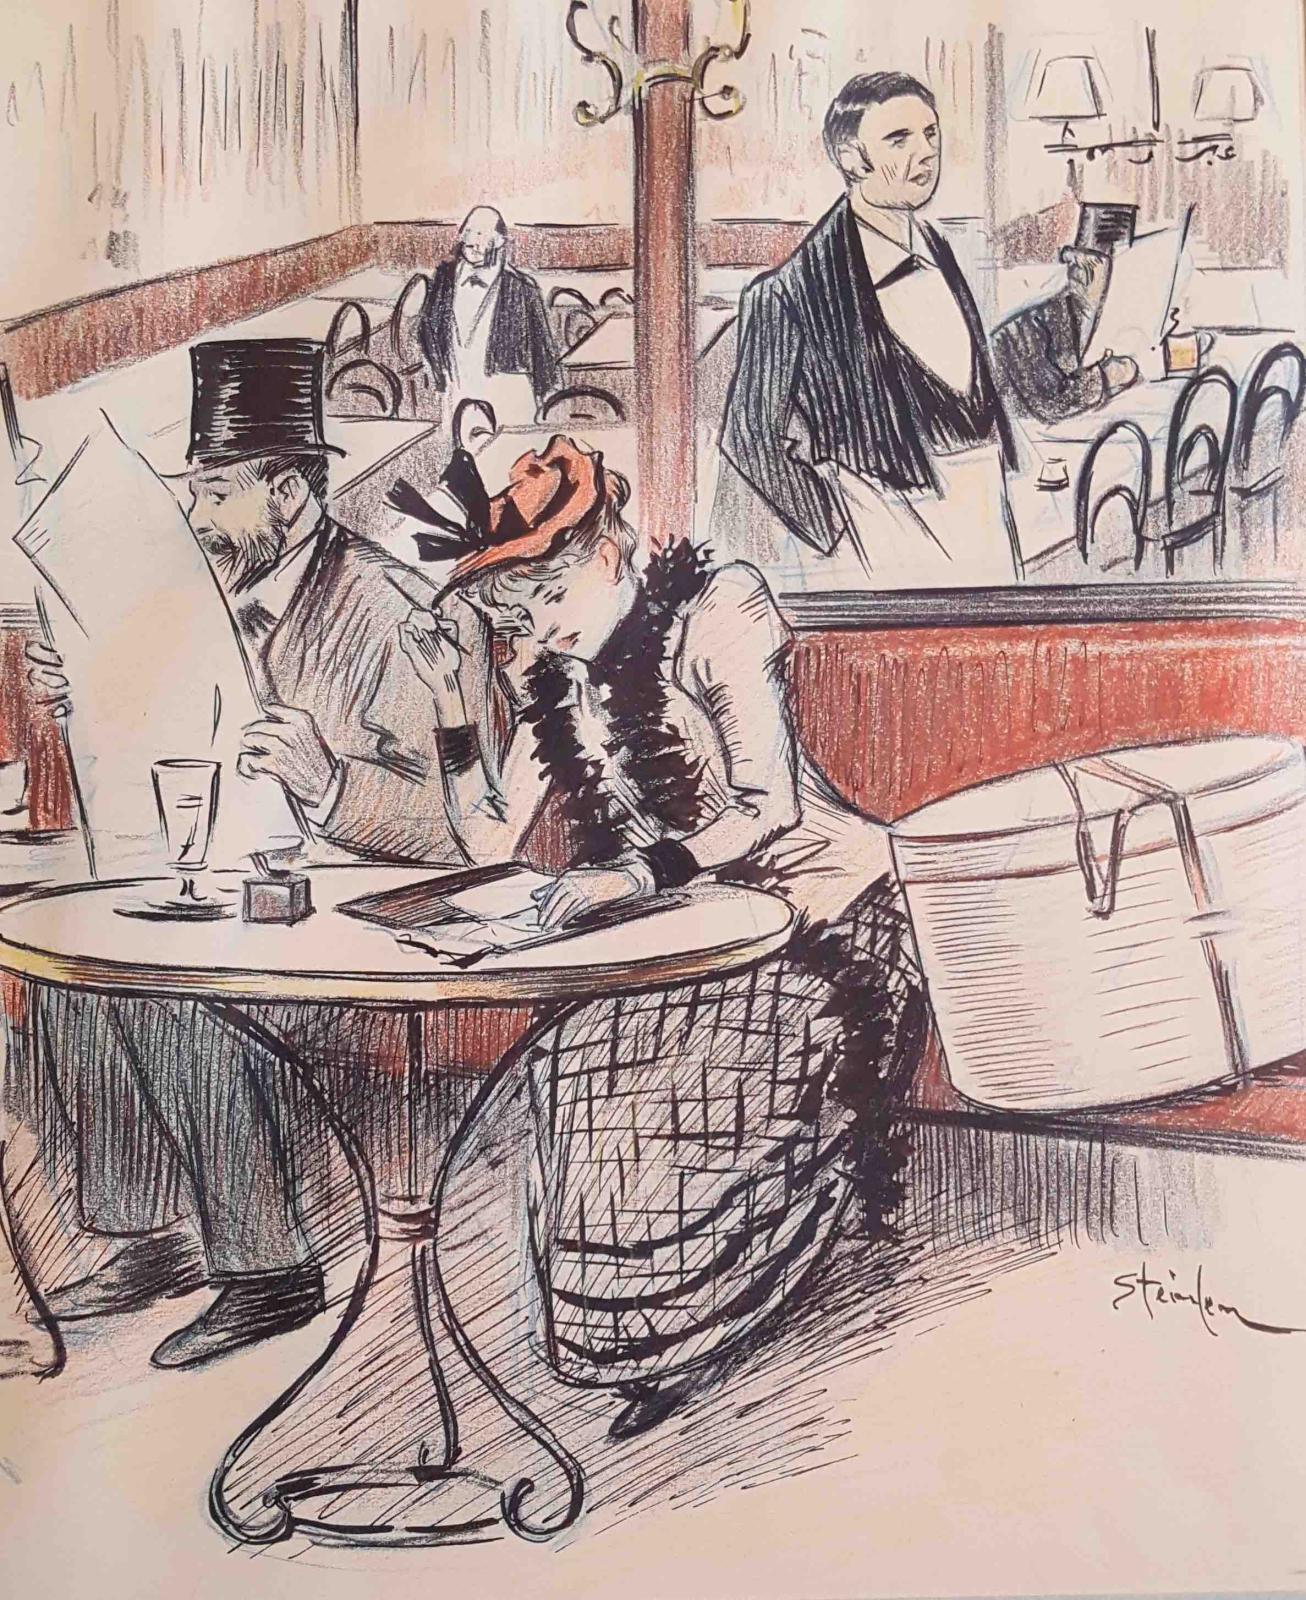 Dessin original pour « Lettre trouvée », nouvelle de Paul Arène.Paru dans le Gil Blas illustré, le 24 septembre 1893.Crayon gras, encre de